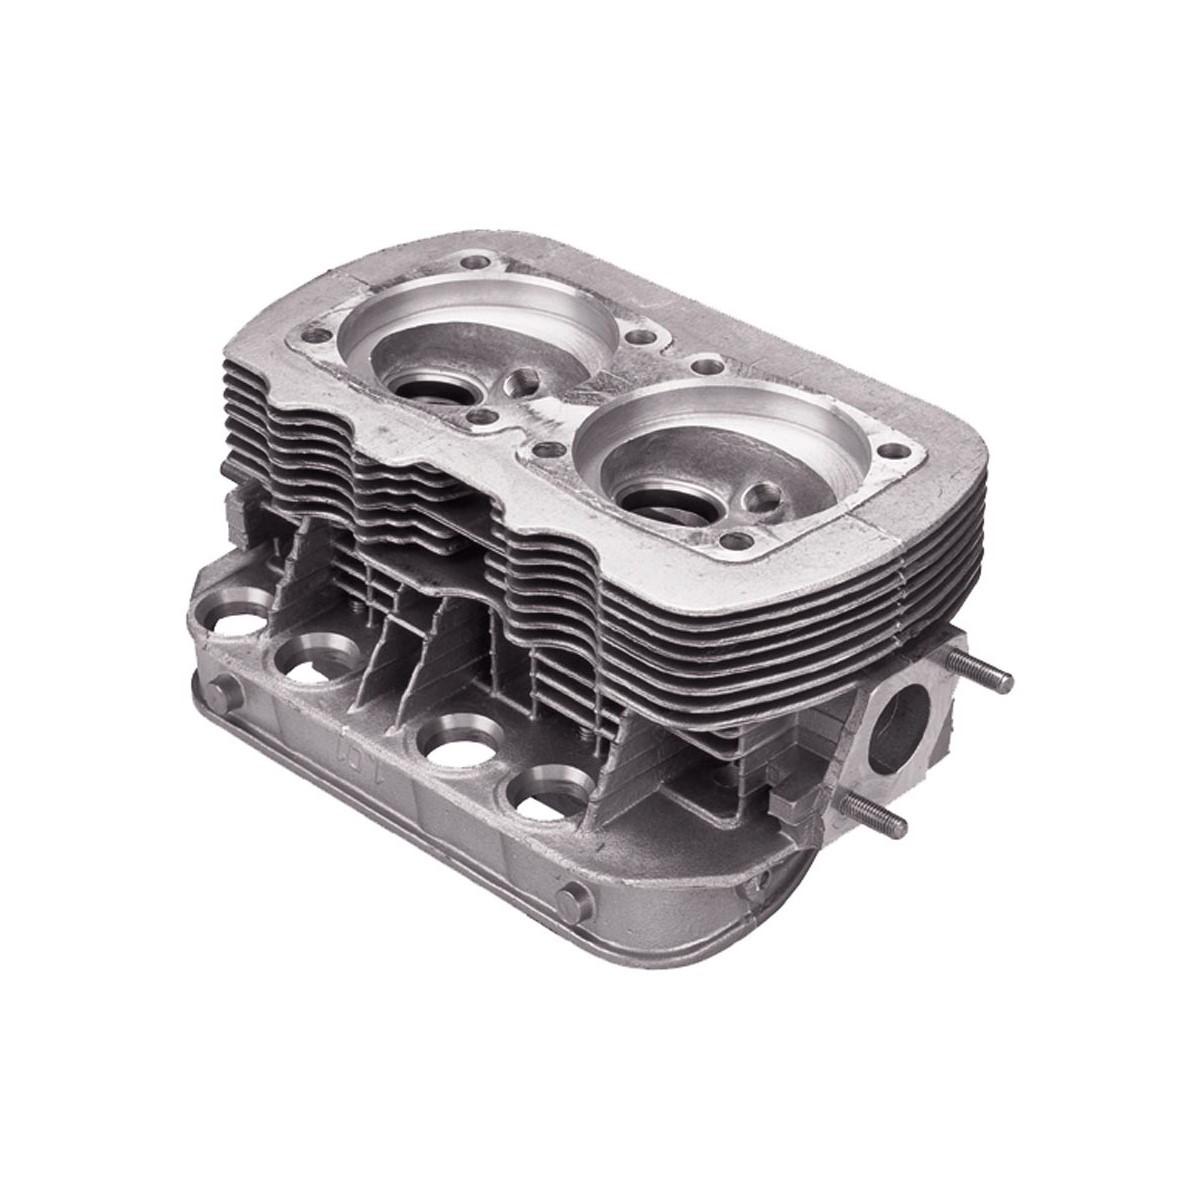 Cabeçote motor Fusca 1600 85 a 96 - 6 Aletas Tork Moderno